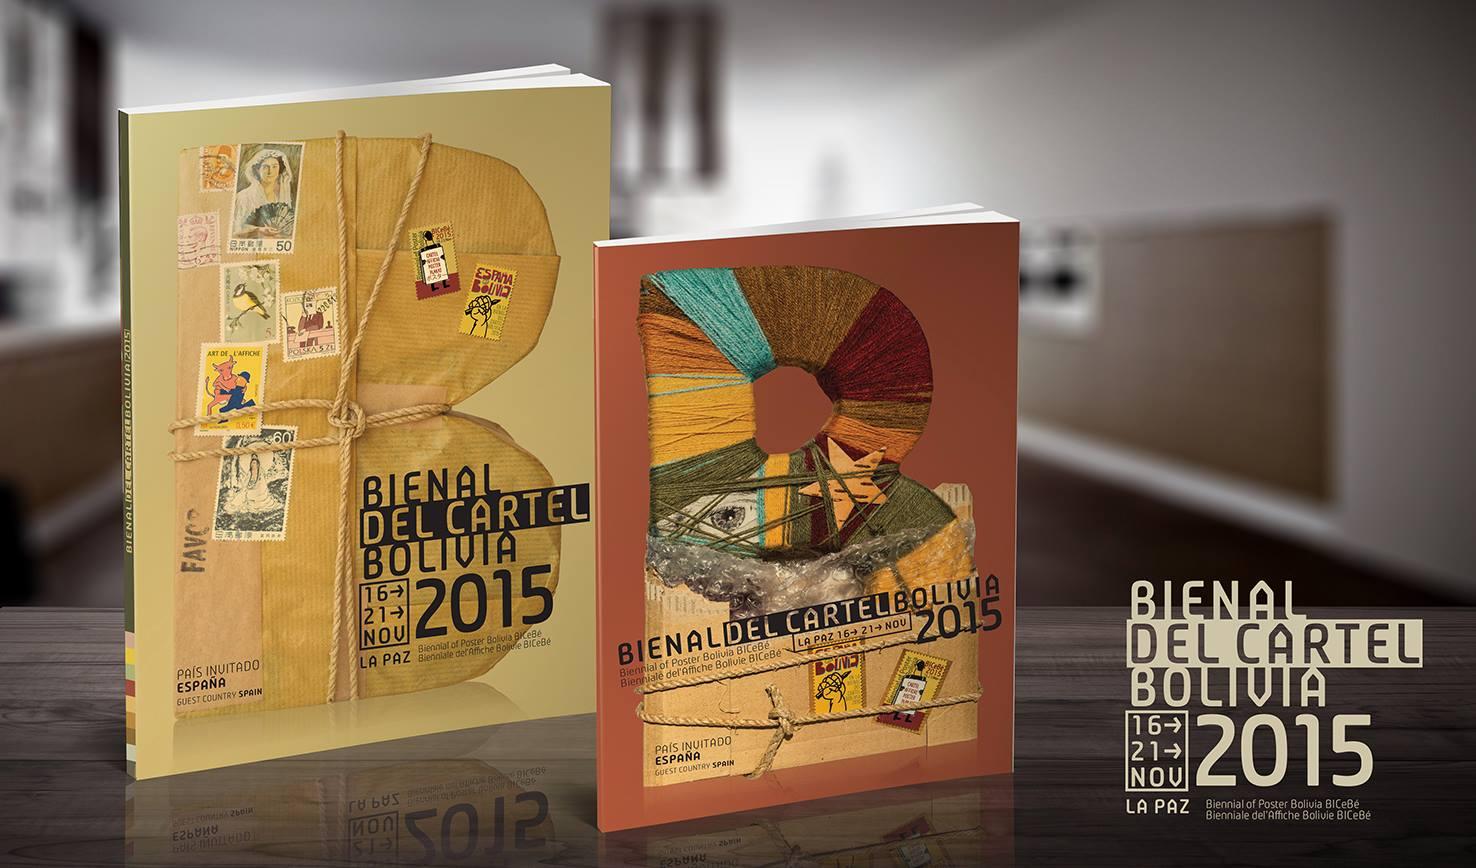 Bienal del Cartel Bolivia BICeBé